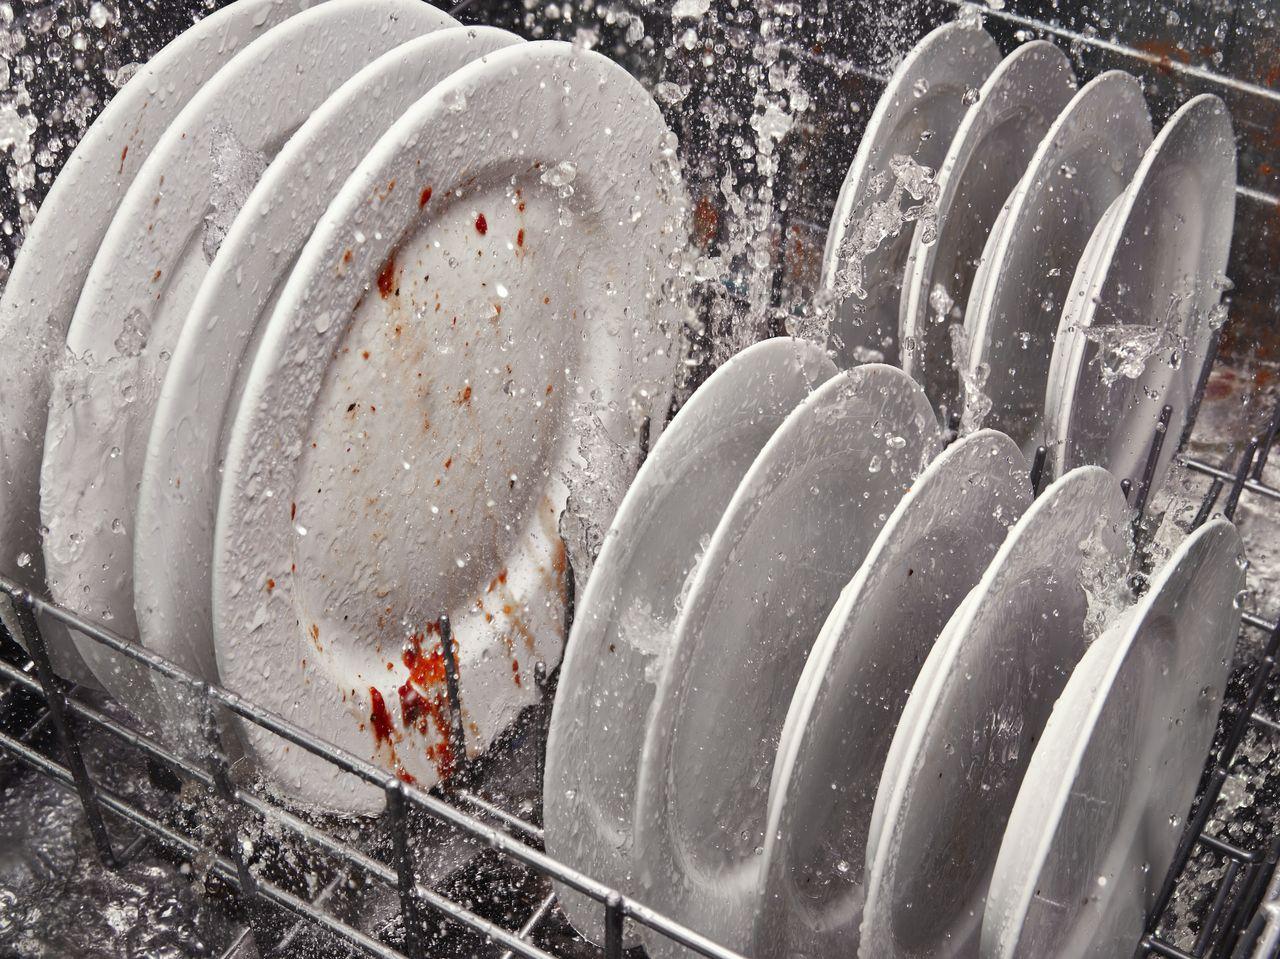 خرابی های ماشین ظرفشویی سامسونگ